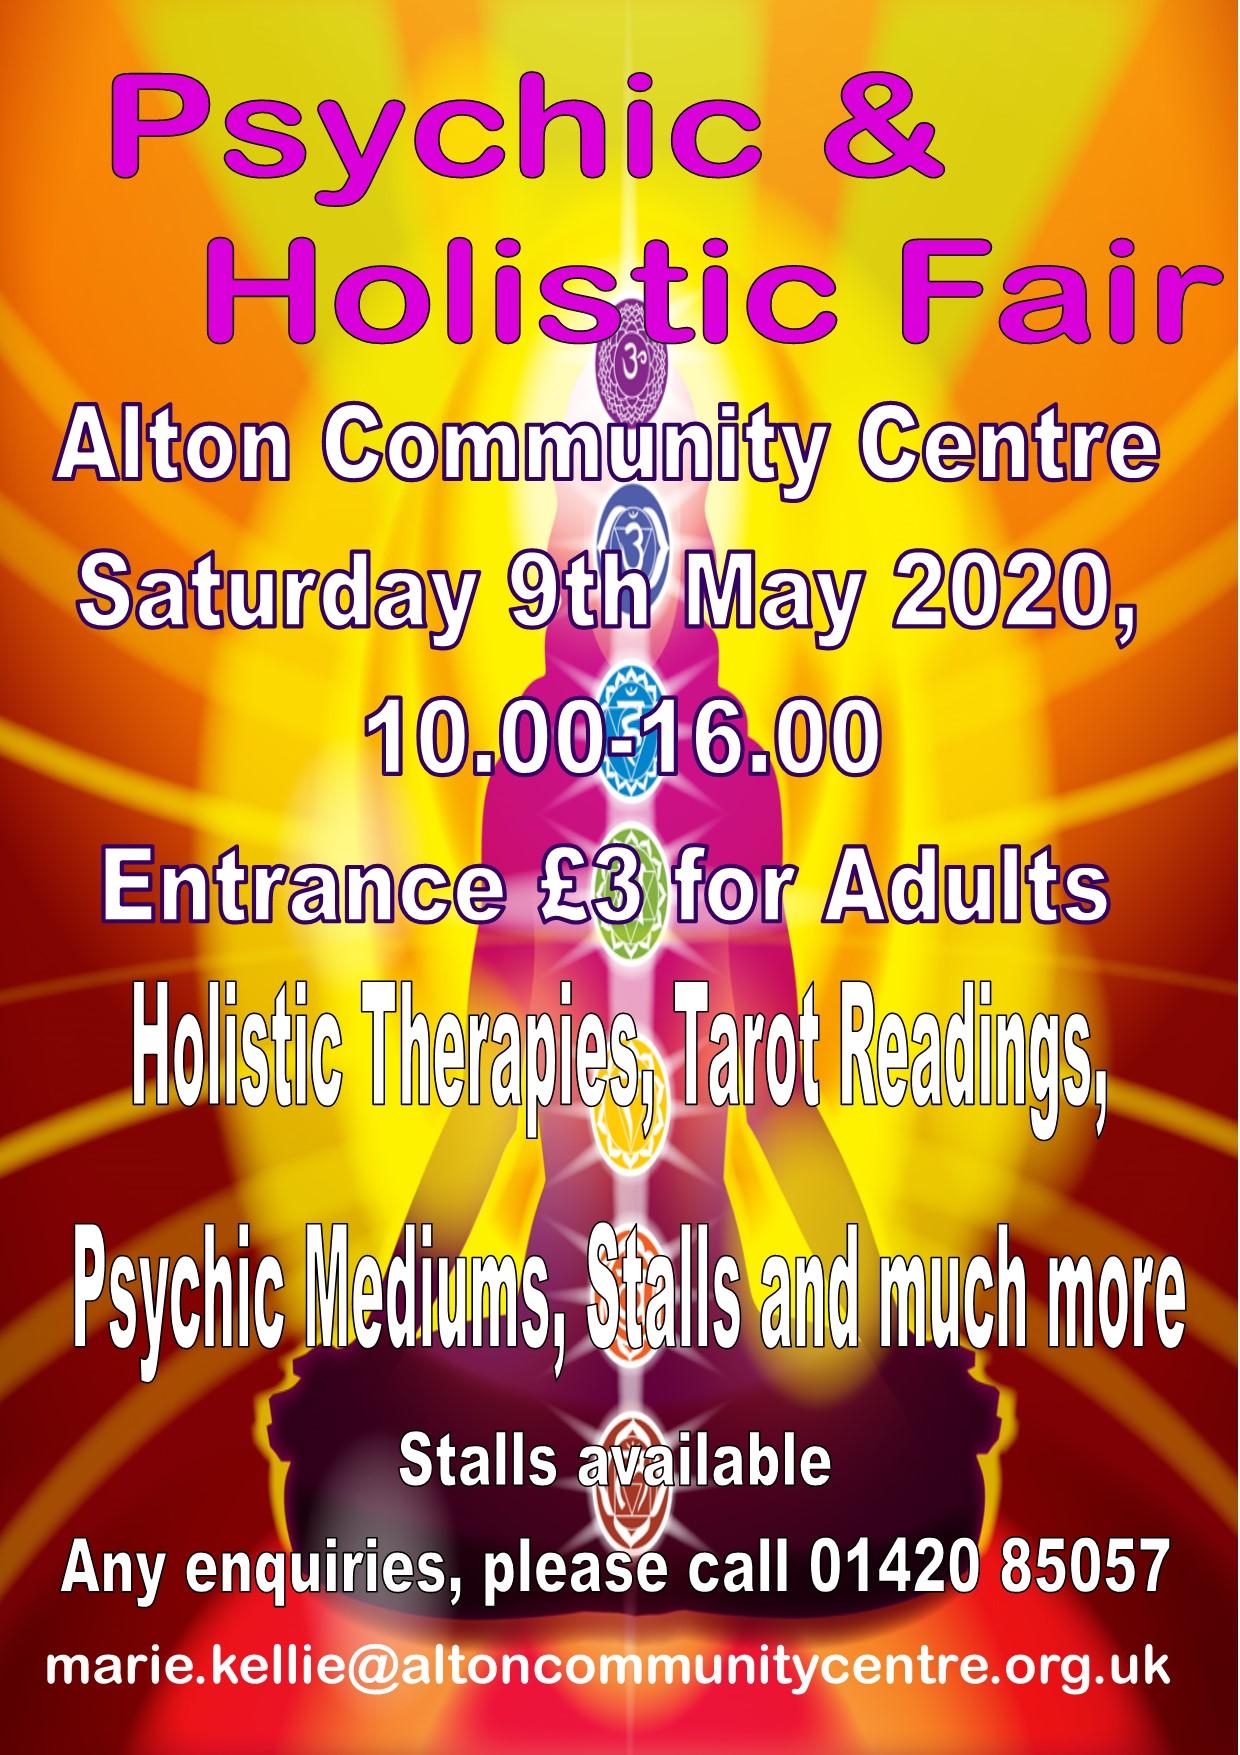 Phoenix Psychic Fair 2020.Psychic Alton Community Centre Alton Hampshire Alton